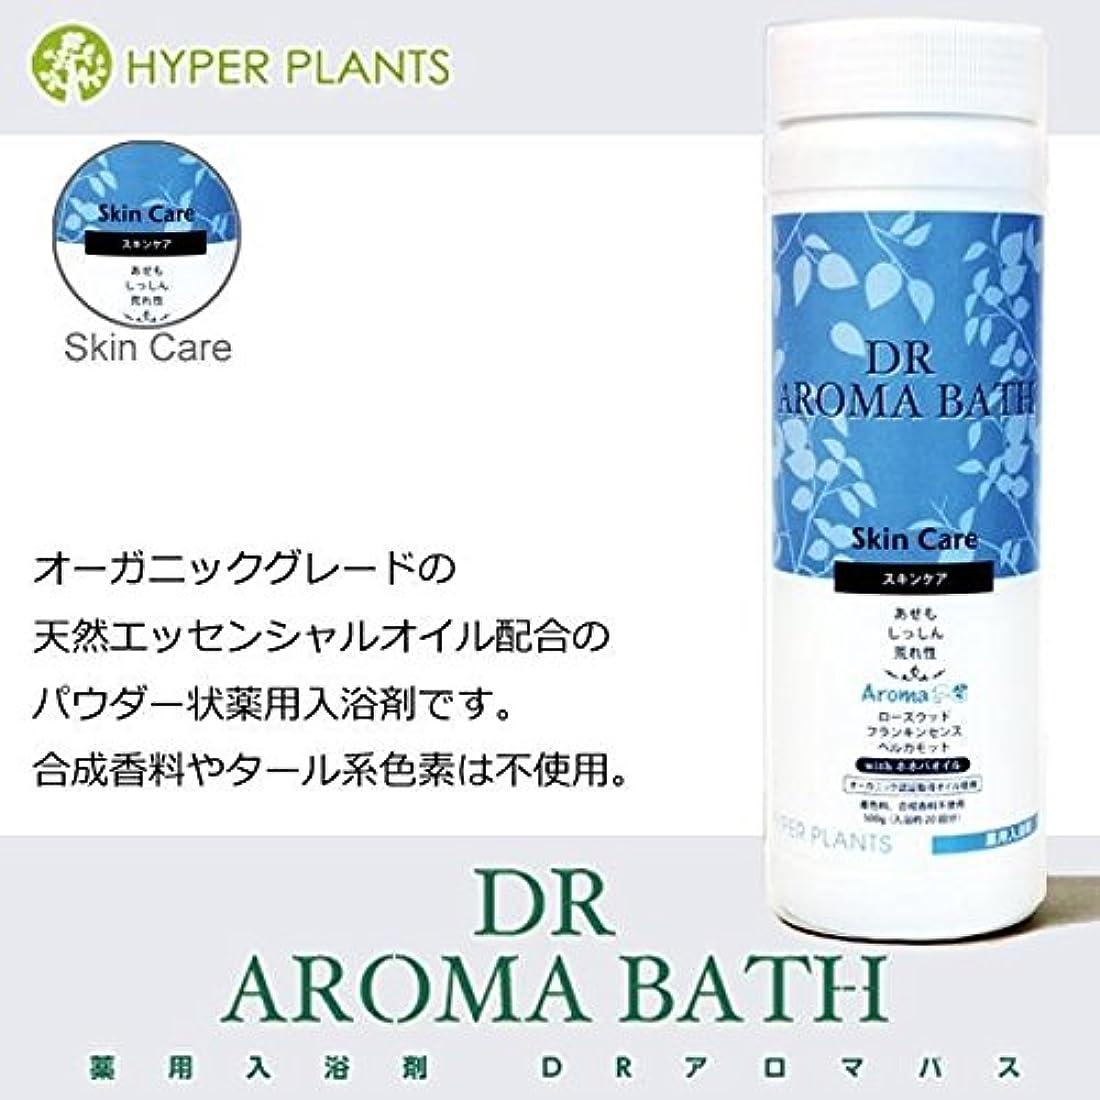 スリップ神話有害医薬部外品 薬用入浴剤 ハイパープランツ(HYPER PLANTS) DRアロマバス スキンケア 500g HNB003